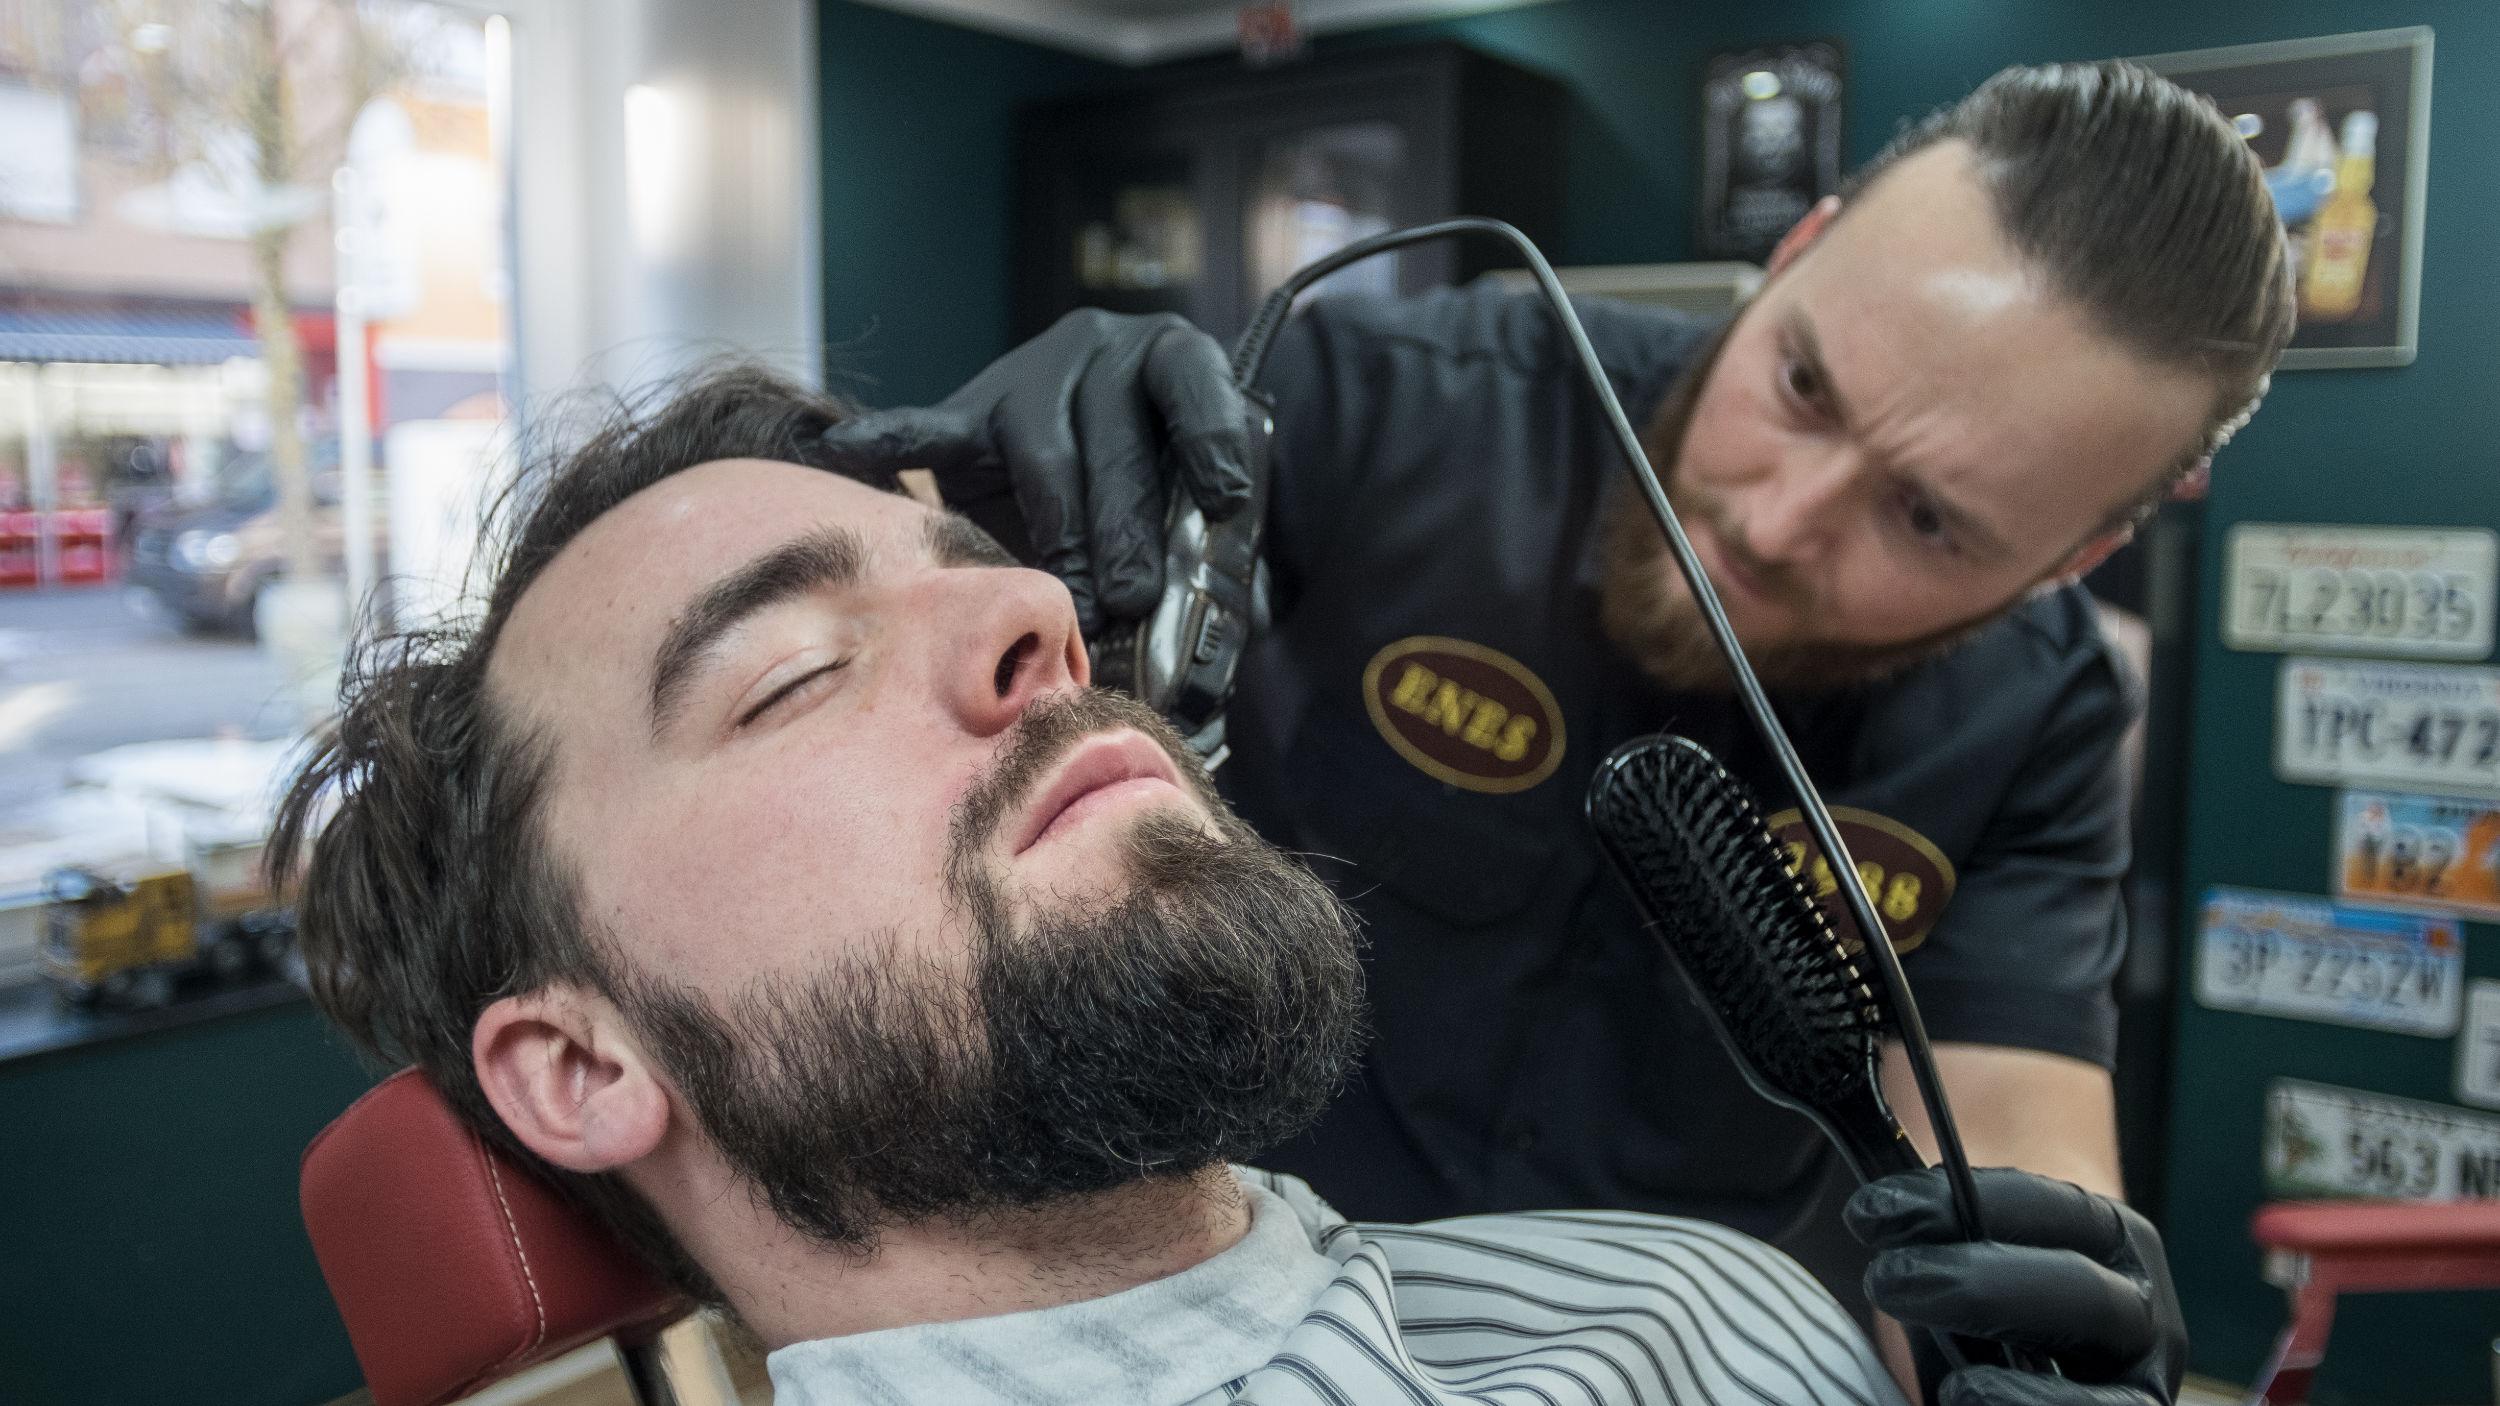 Beim Barbier dürfen Männer noch Männer sein